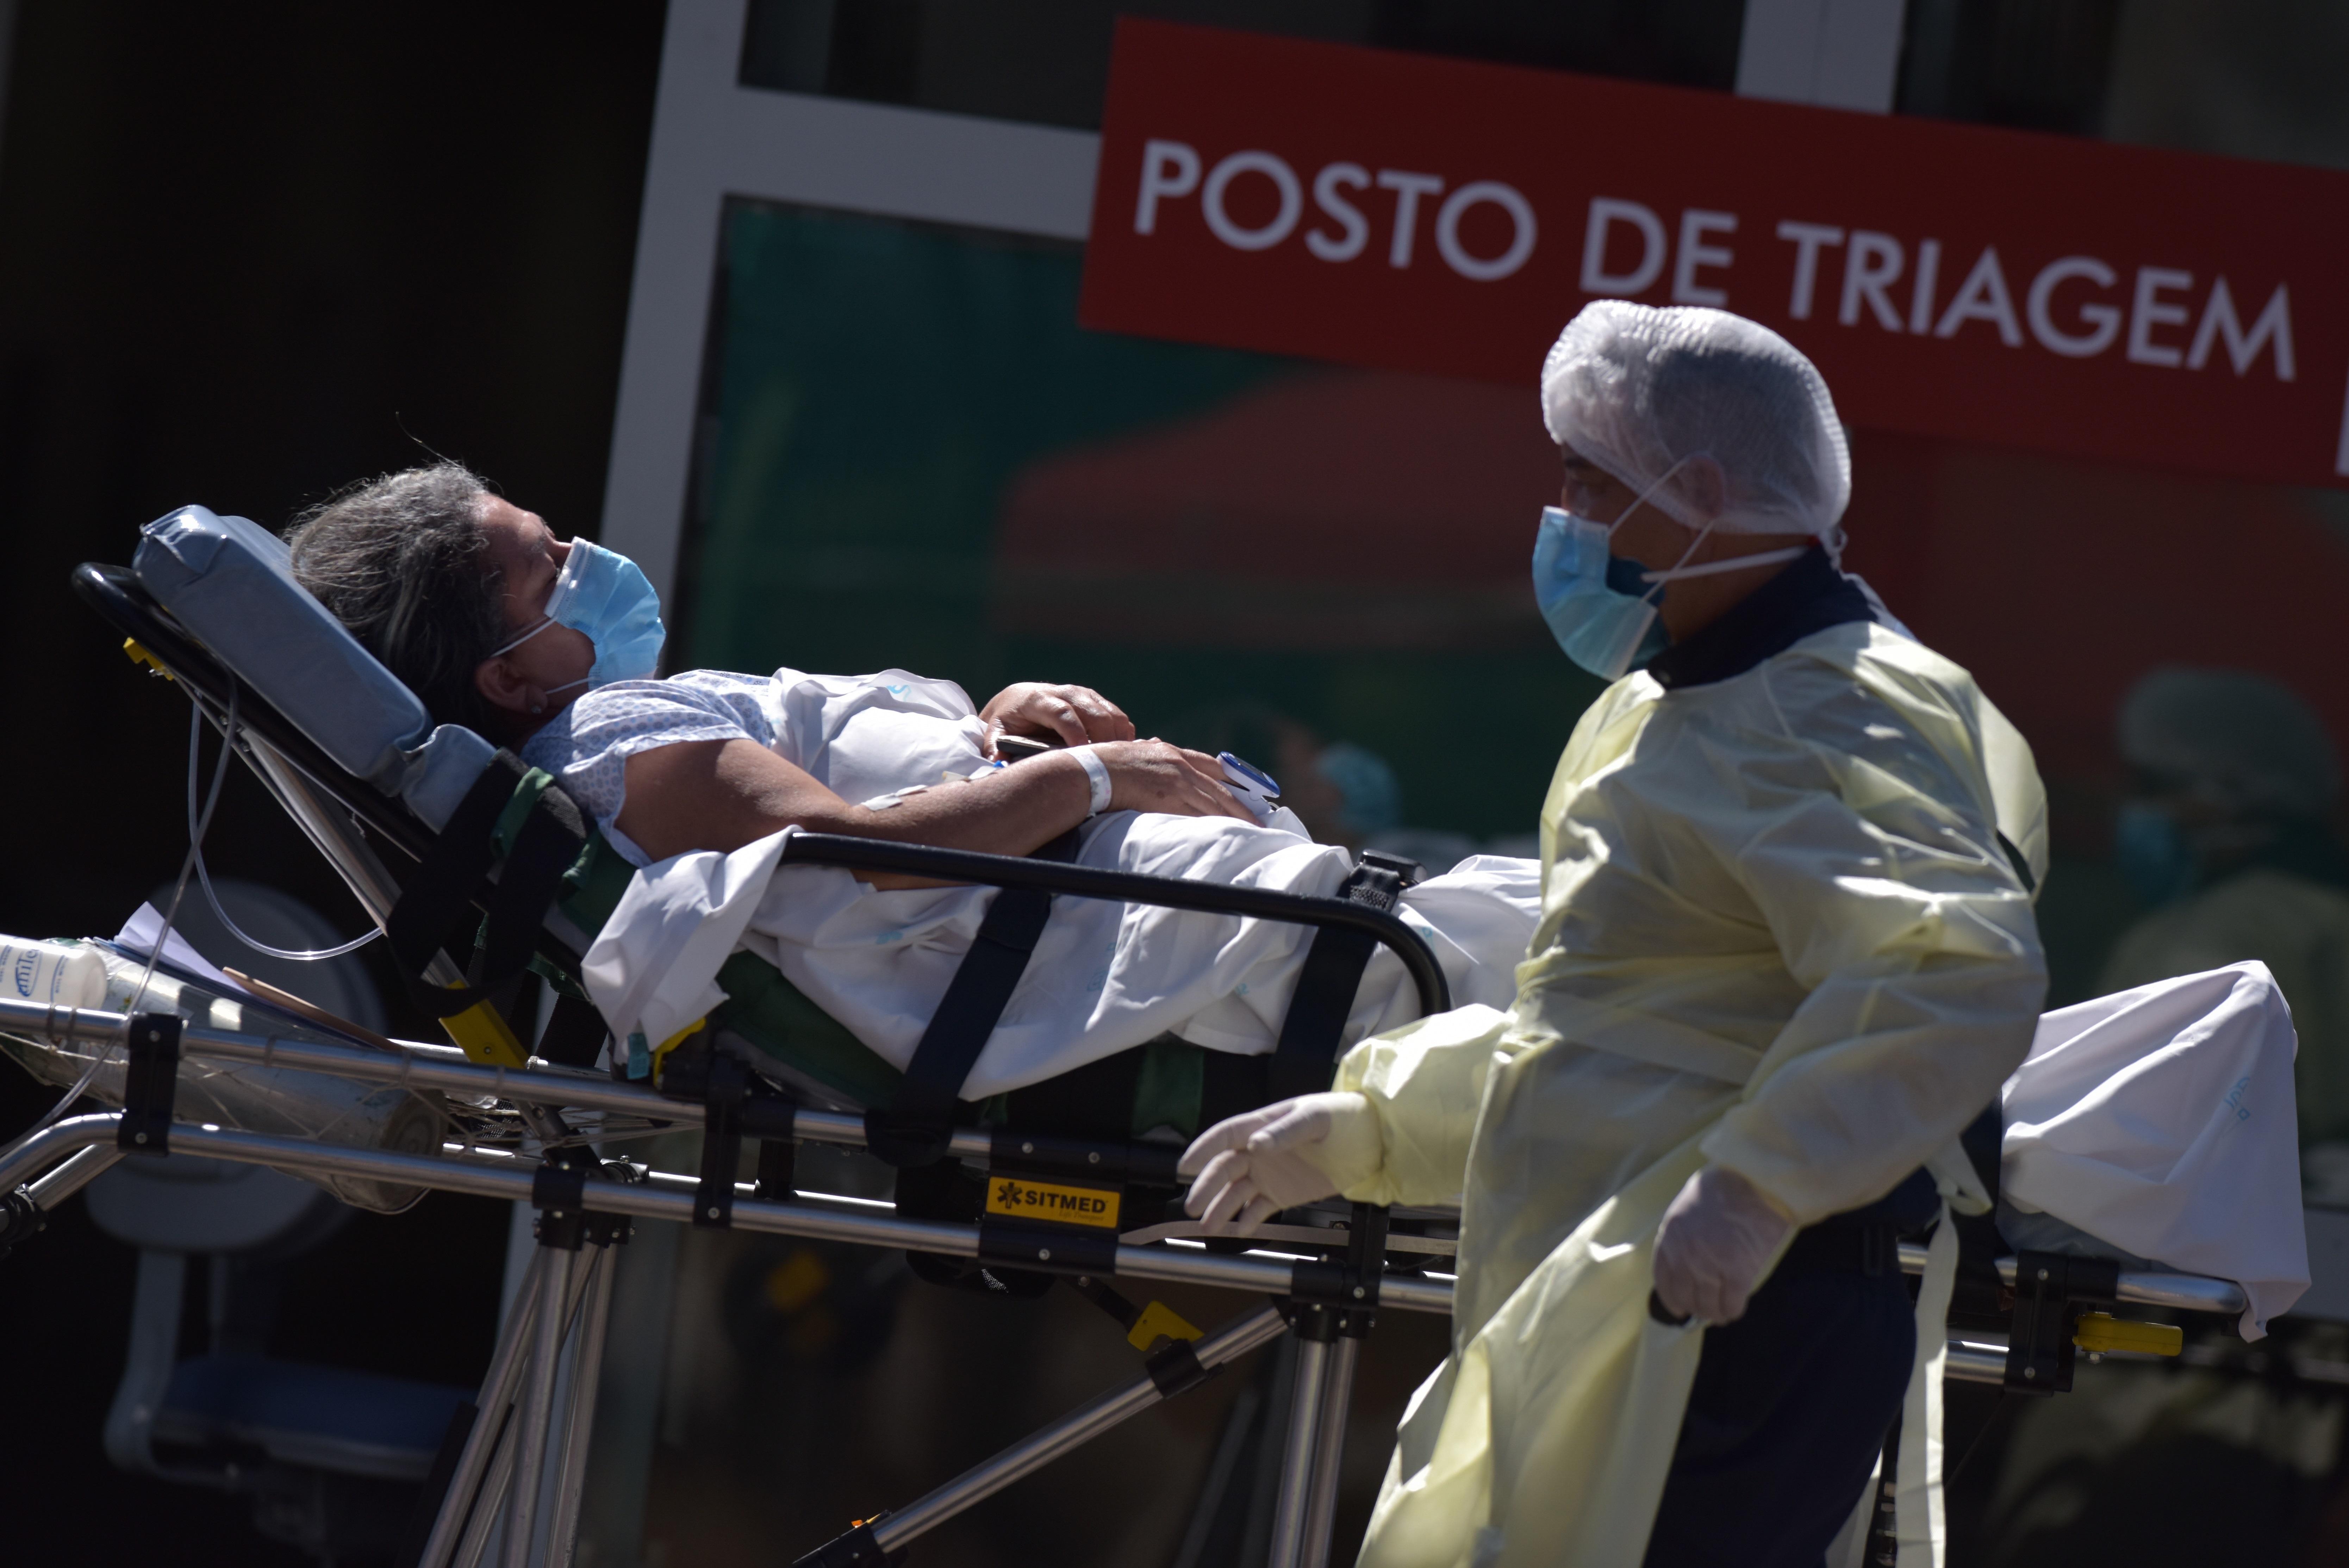 Una mujer es trasladada en una camilla frente al Asa Norte Hospital (Hospital Regional da Asa Norte-HRAN) en Brasilia.